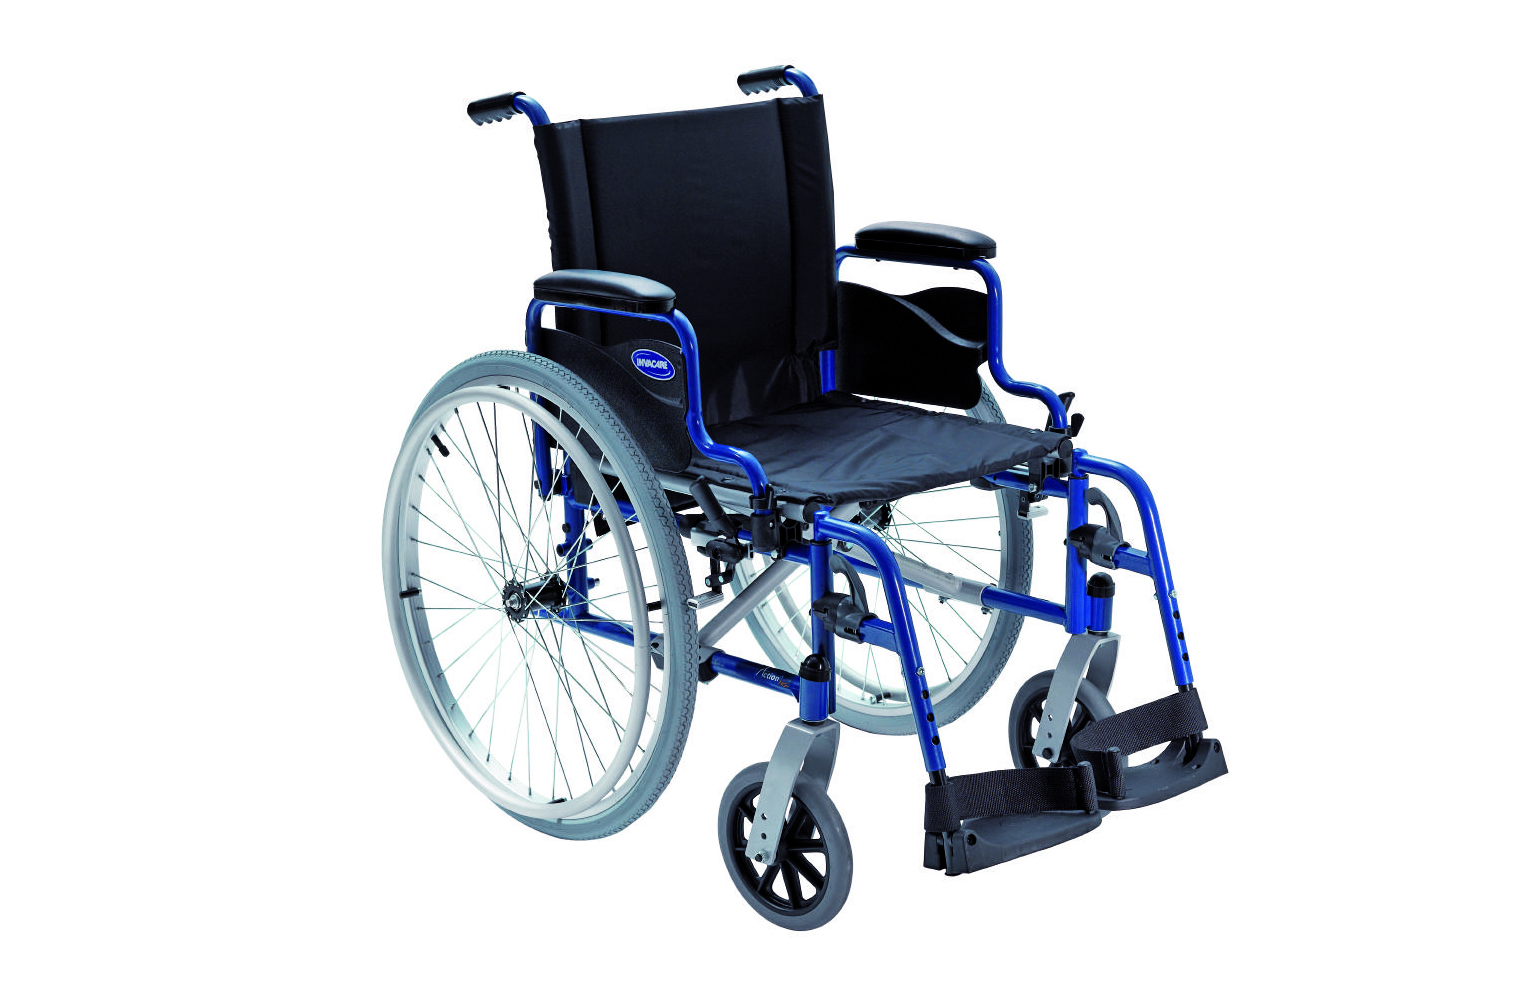 Cadeira de rodas manual preta, com estrutura azul, vista de perfil